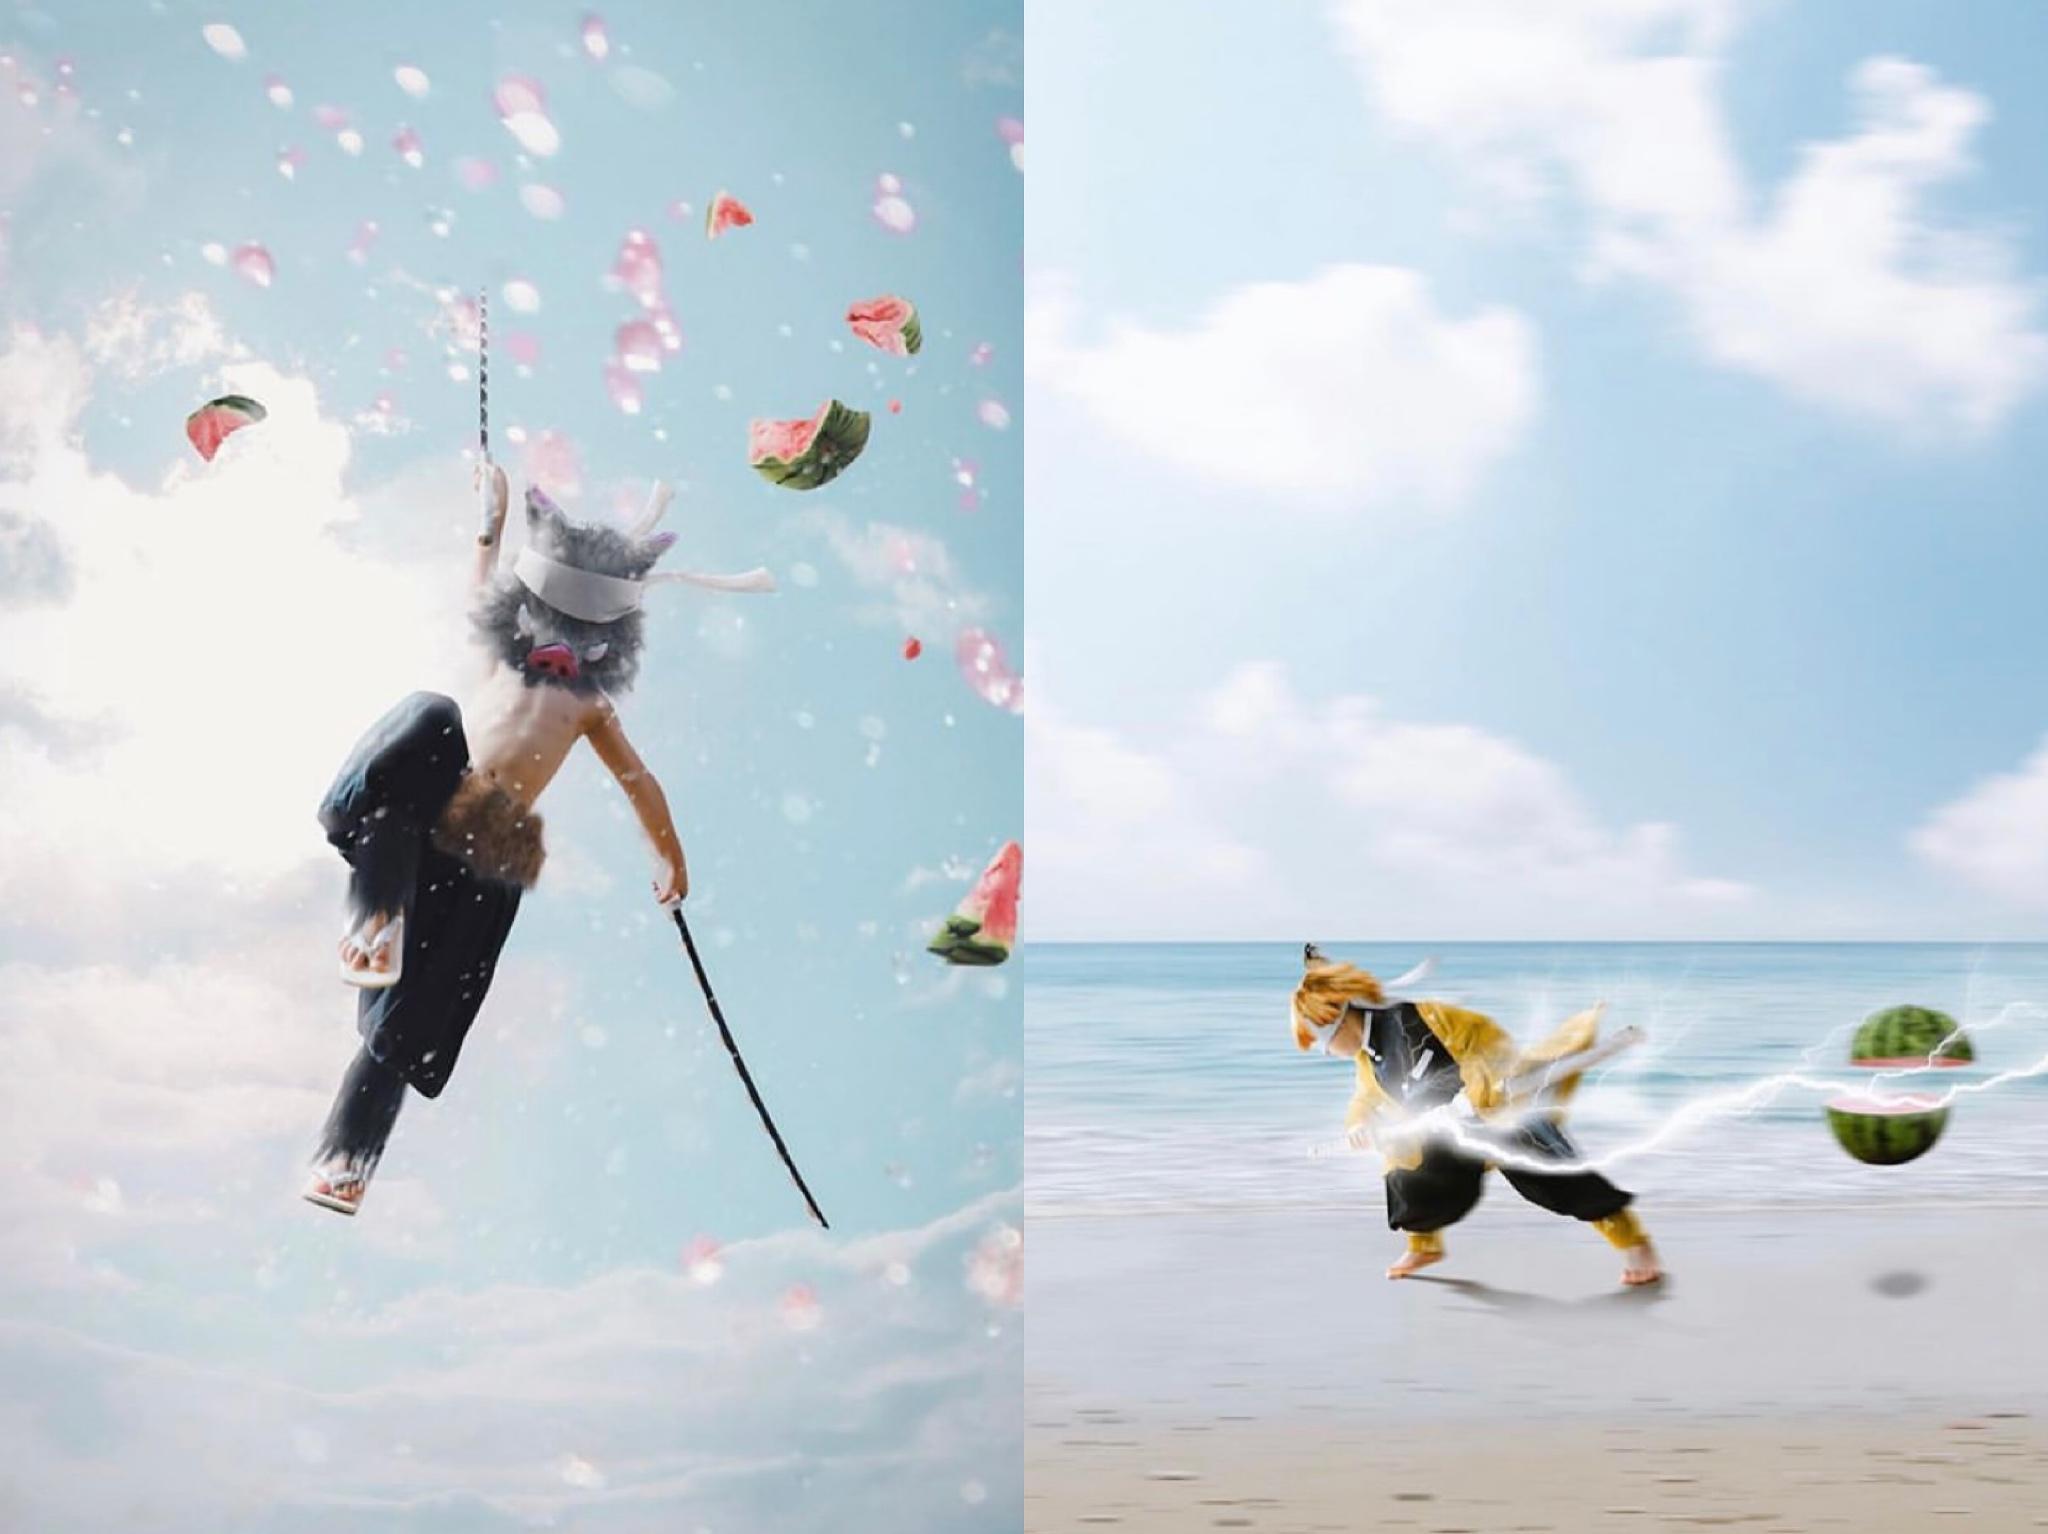 《千与千寻》动画cosplay【CN:歪尾狗】-第8张